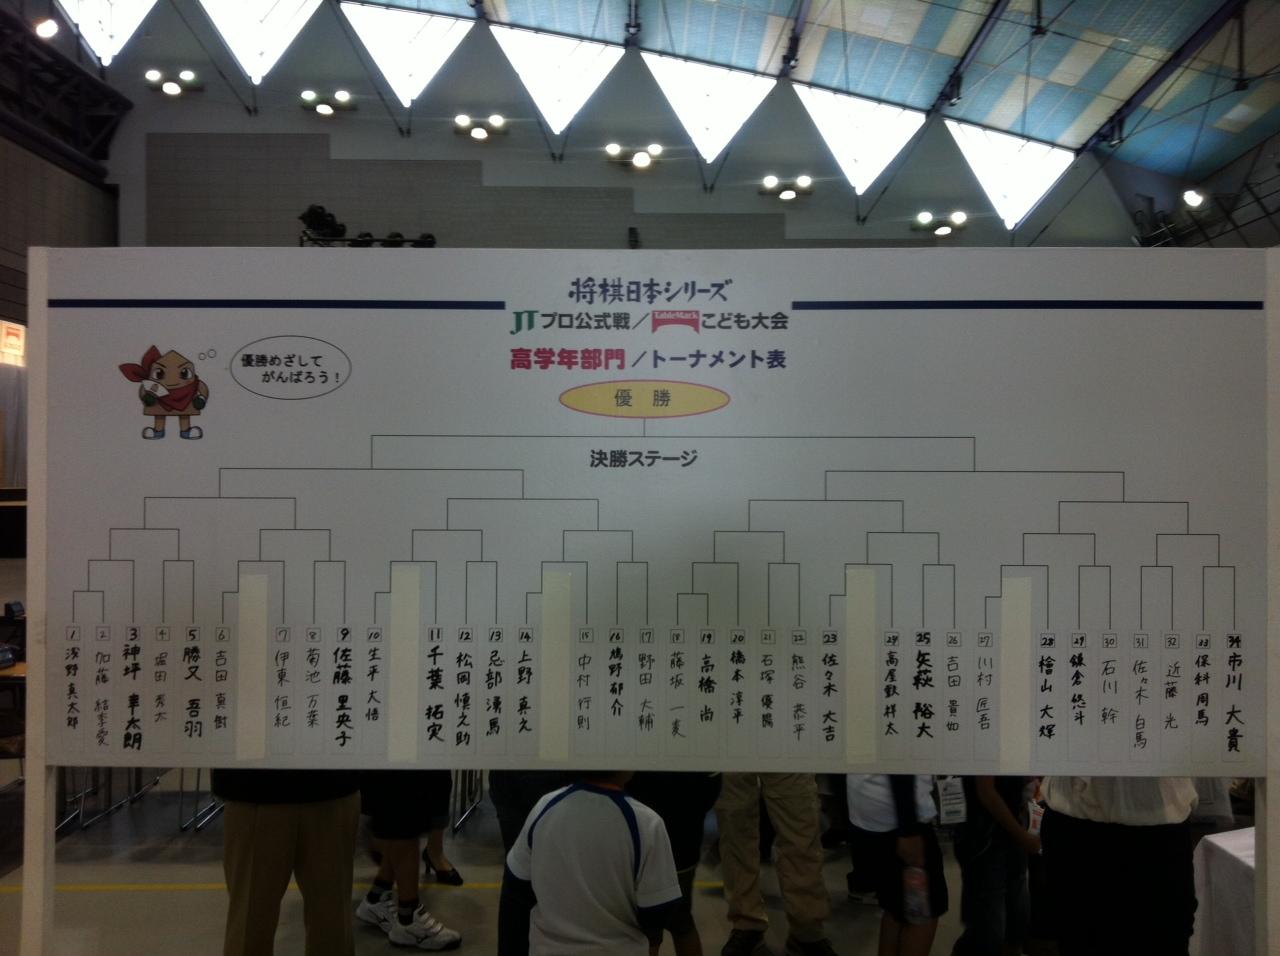 テーブルマークこども将棋大会 高学年決勝トーナメント